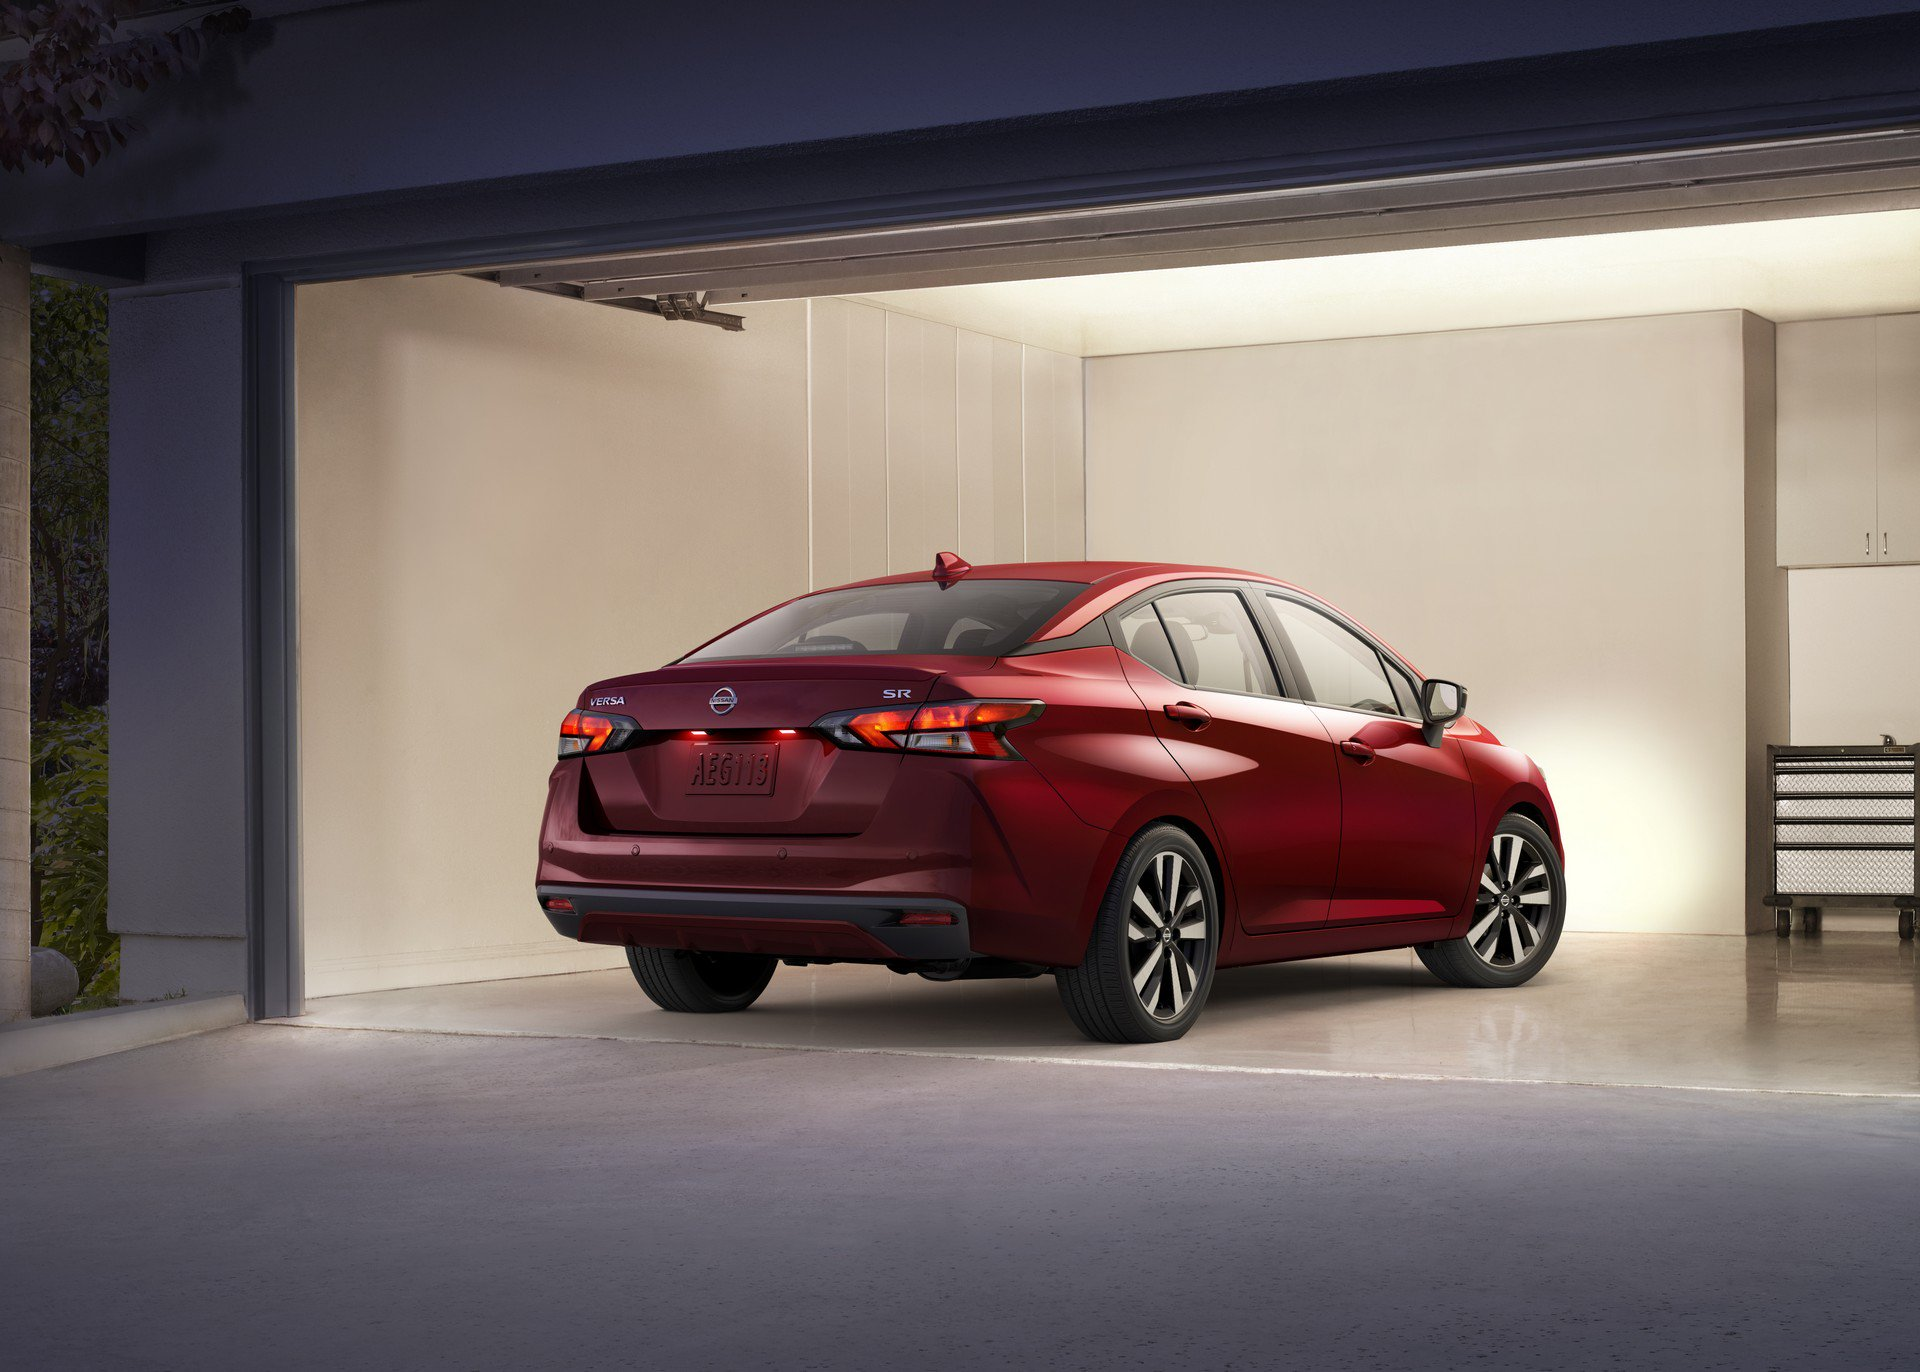 O Nissan Versa 2020 abandonou o design tido como antiquado e ficou mais moderno, mas motor deve permanecer o mesmo - novidade chega ao país no ano que vem.